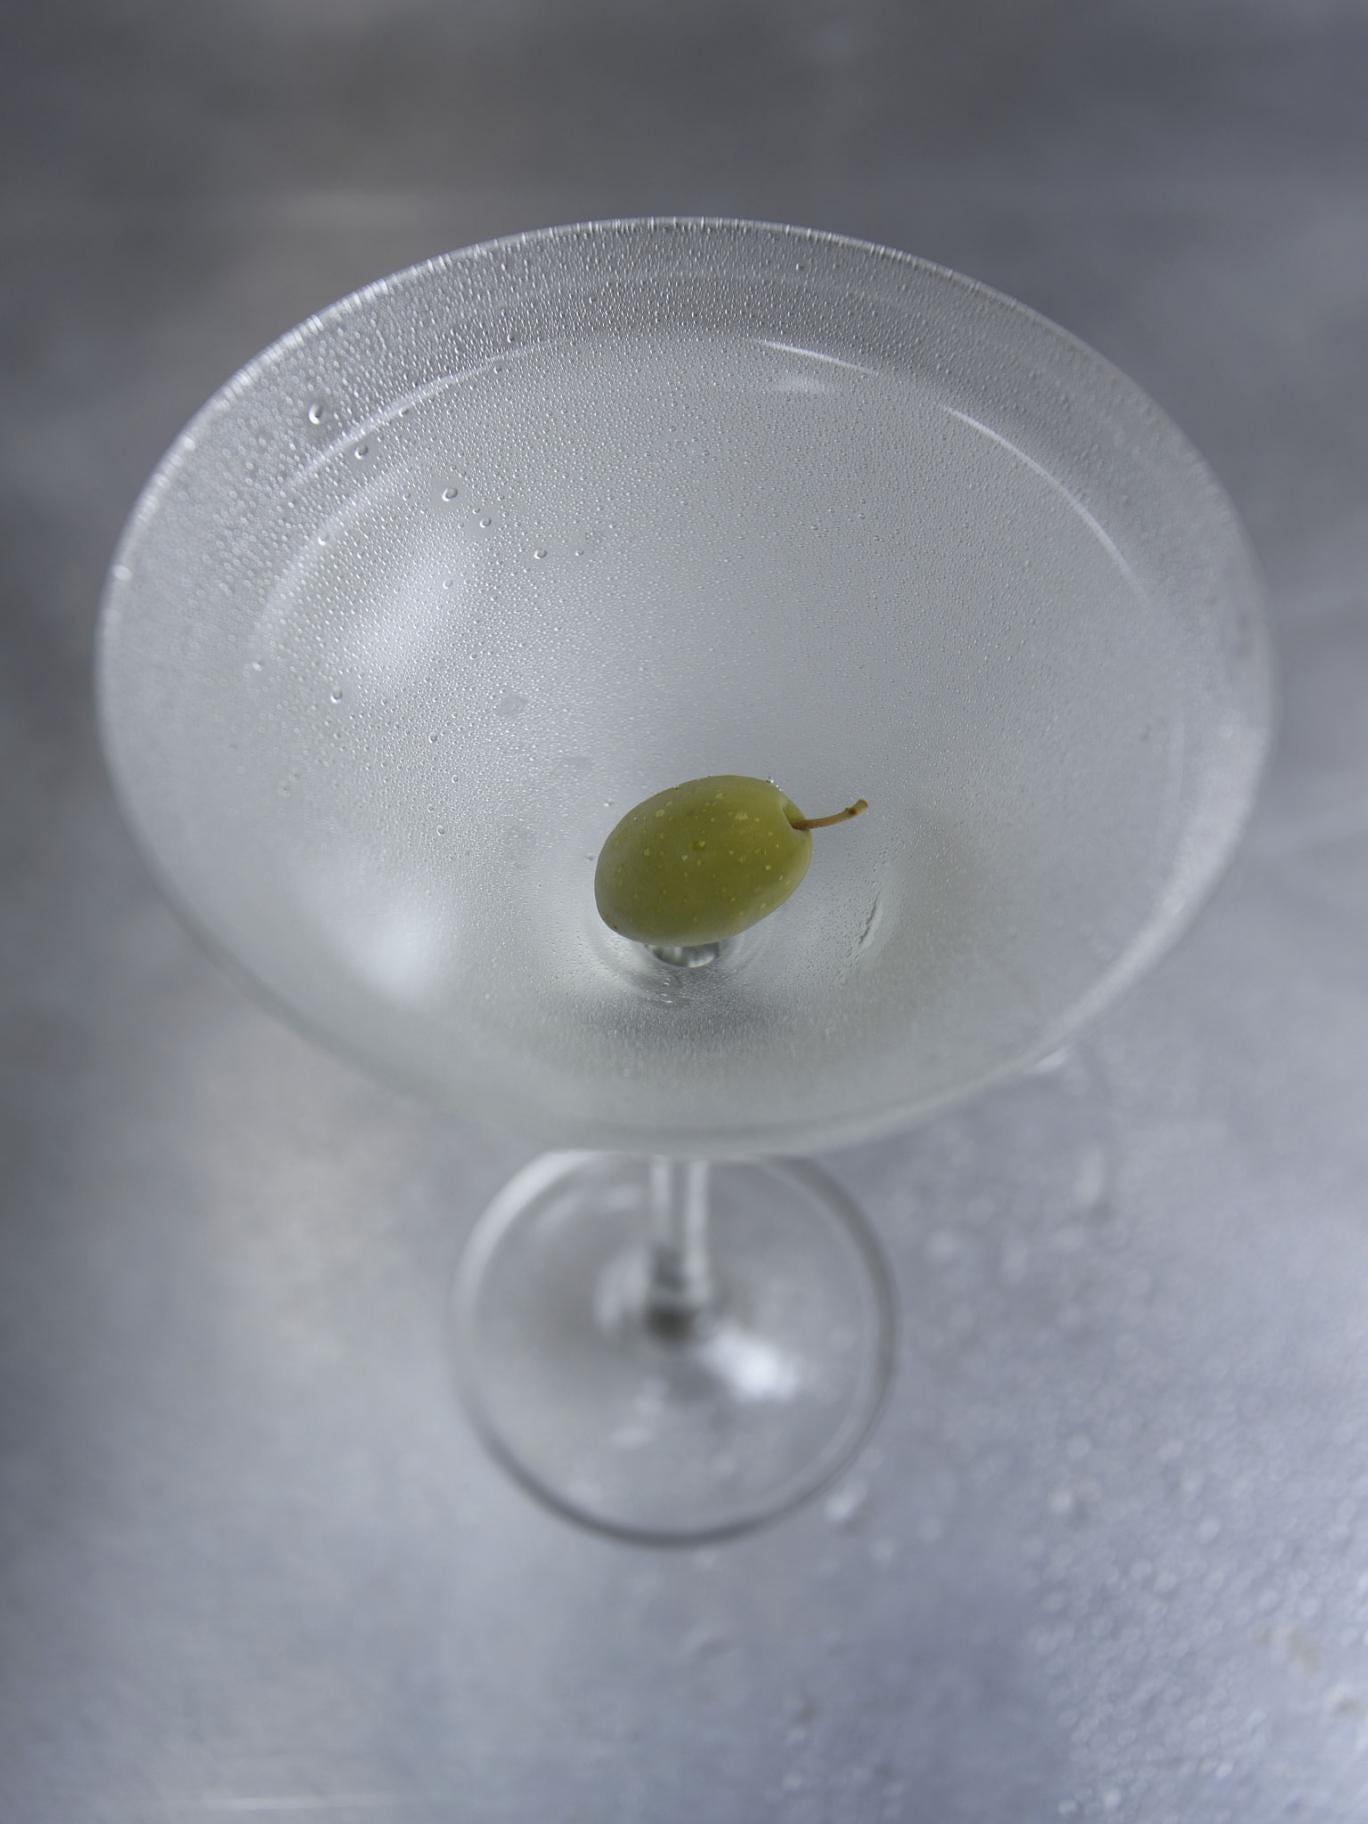 Shaken, not stirred: a pre-dinner martini